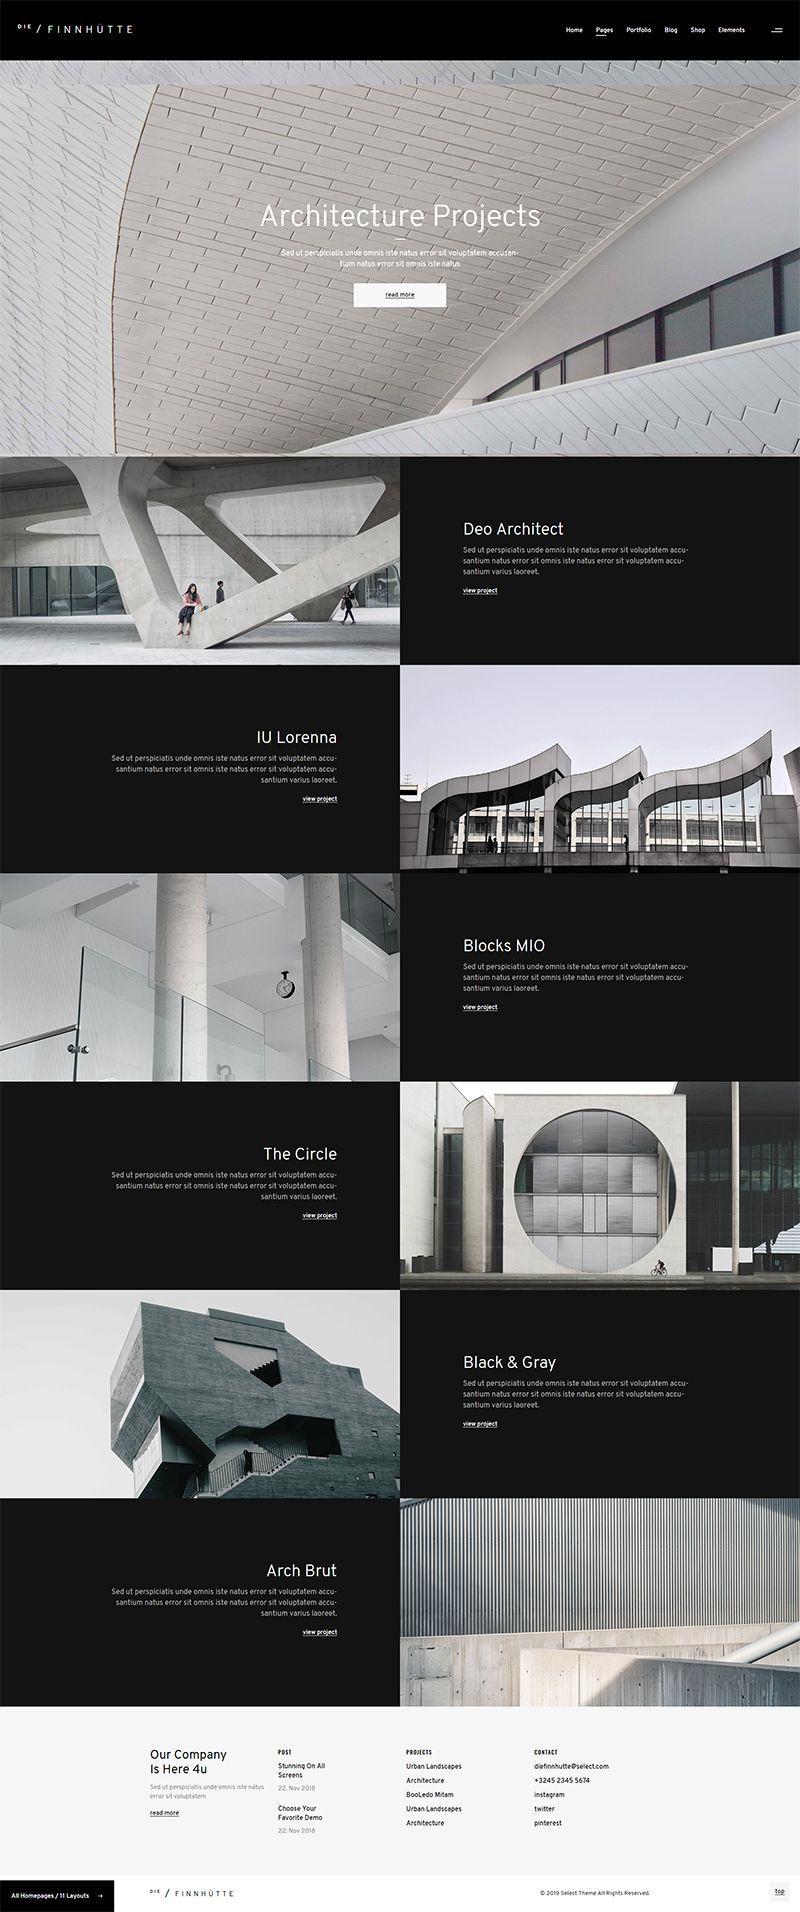 Die Finnhutte Modern Architecture And Interior Design Theme Interior Design Themes Modern Web Design Website Design Layout